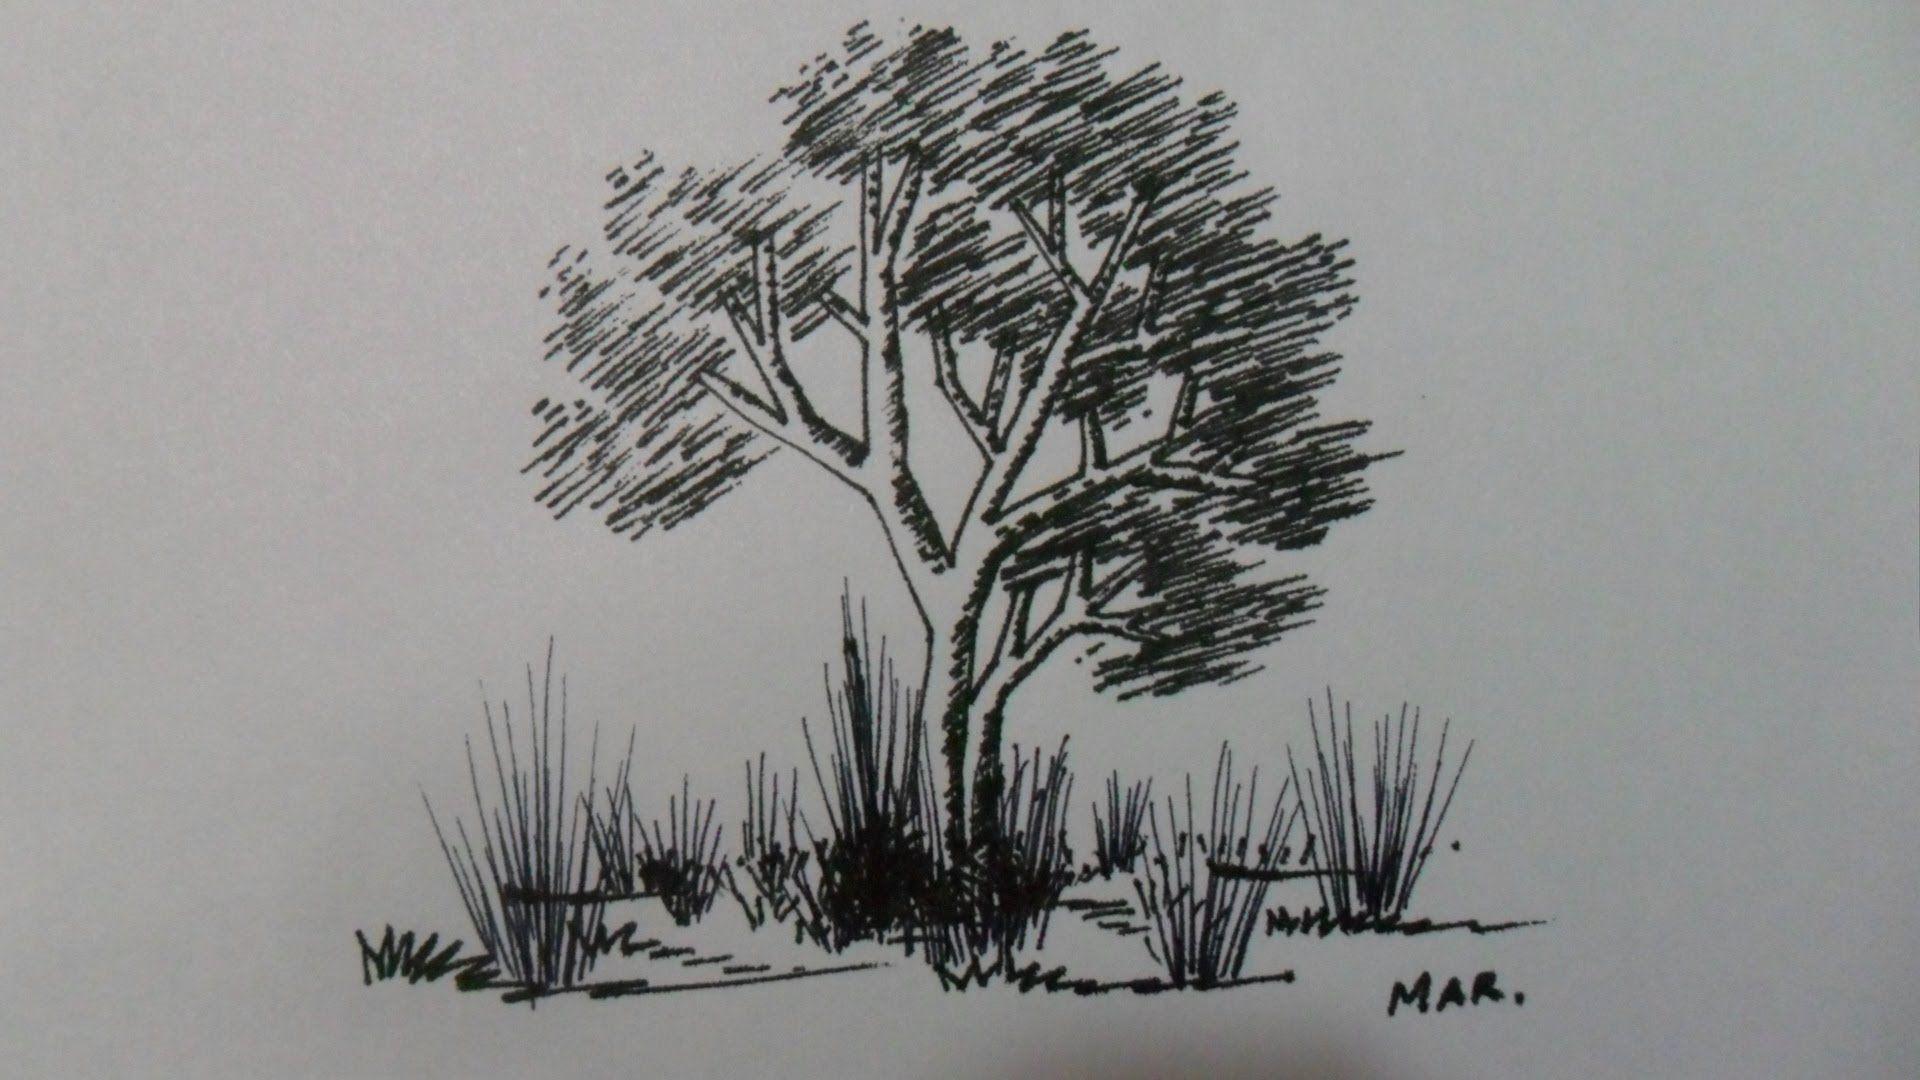 Complemento De Leccion Nº 1 3 3 Solo Rectas Como Dibujar Un Arbol Usando Solo Lineas Rectas Dibujos De Arboles Dibujos Arboles Abstractos